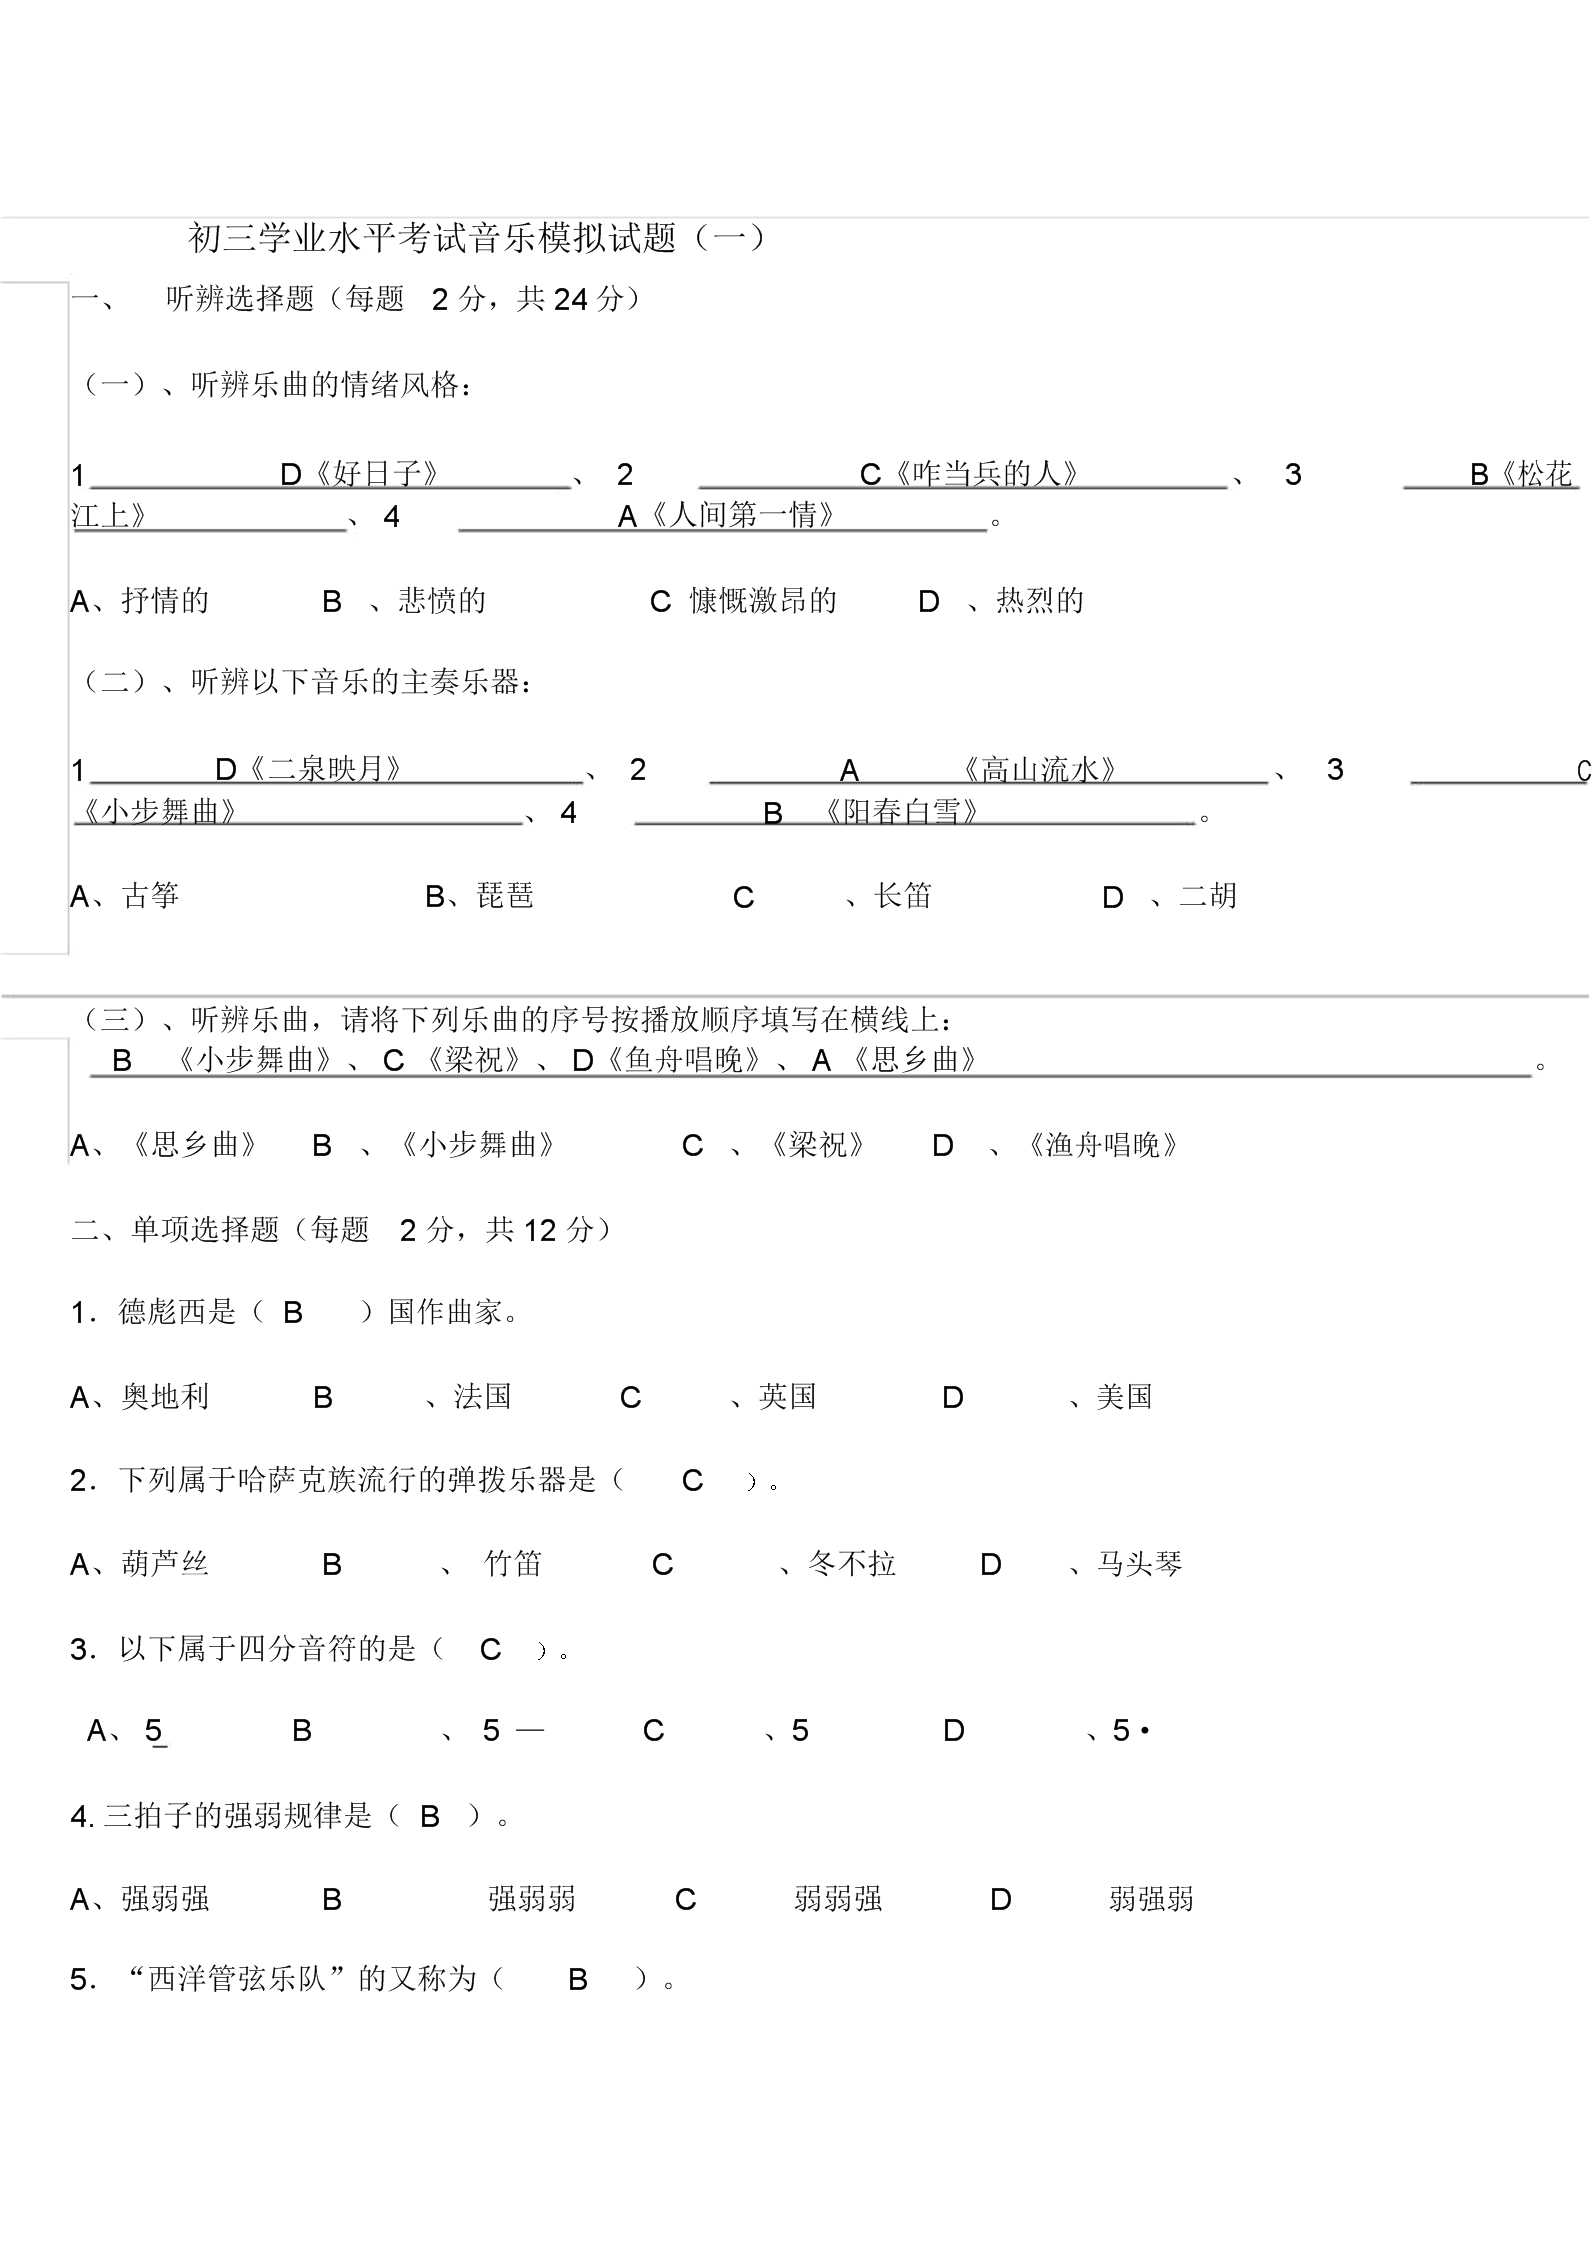 初三学业水平考试音乐模拟试题.docx